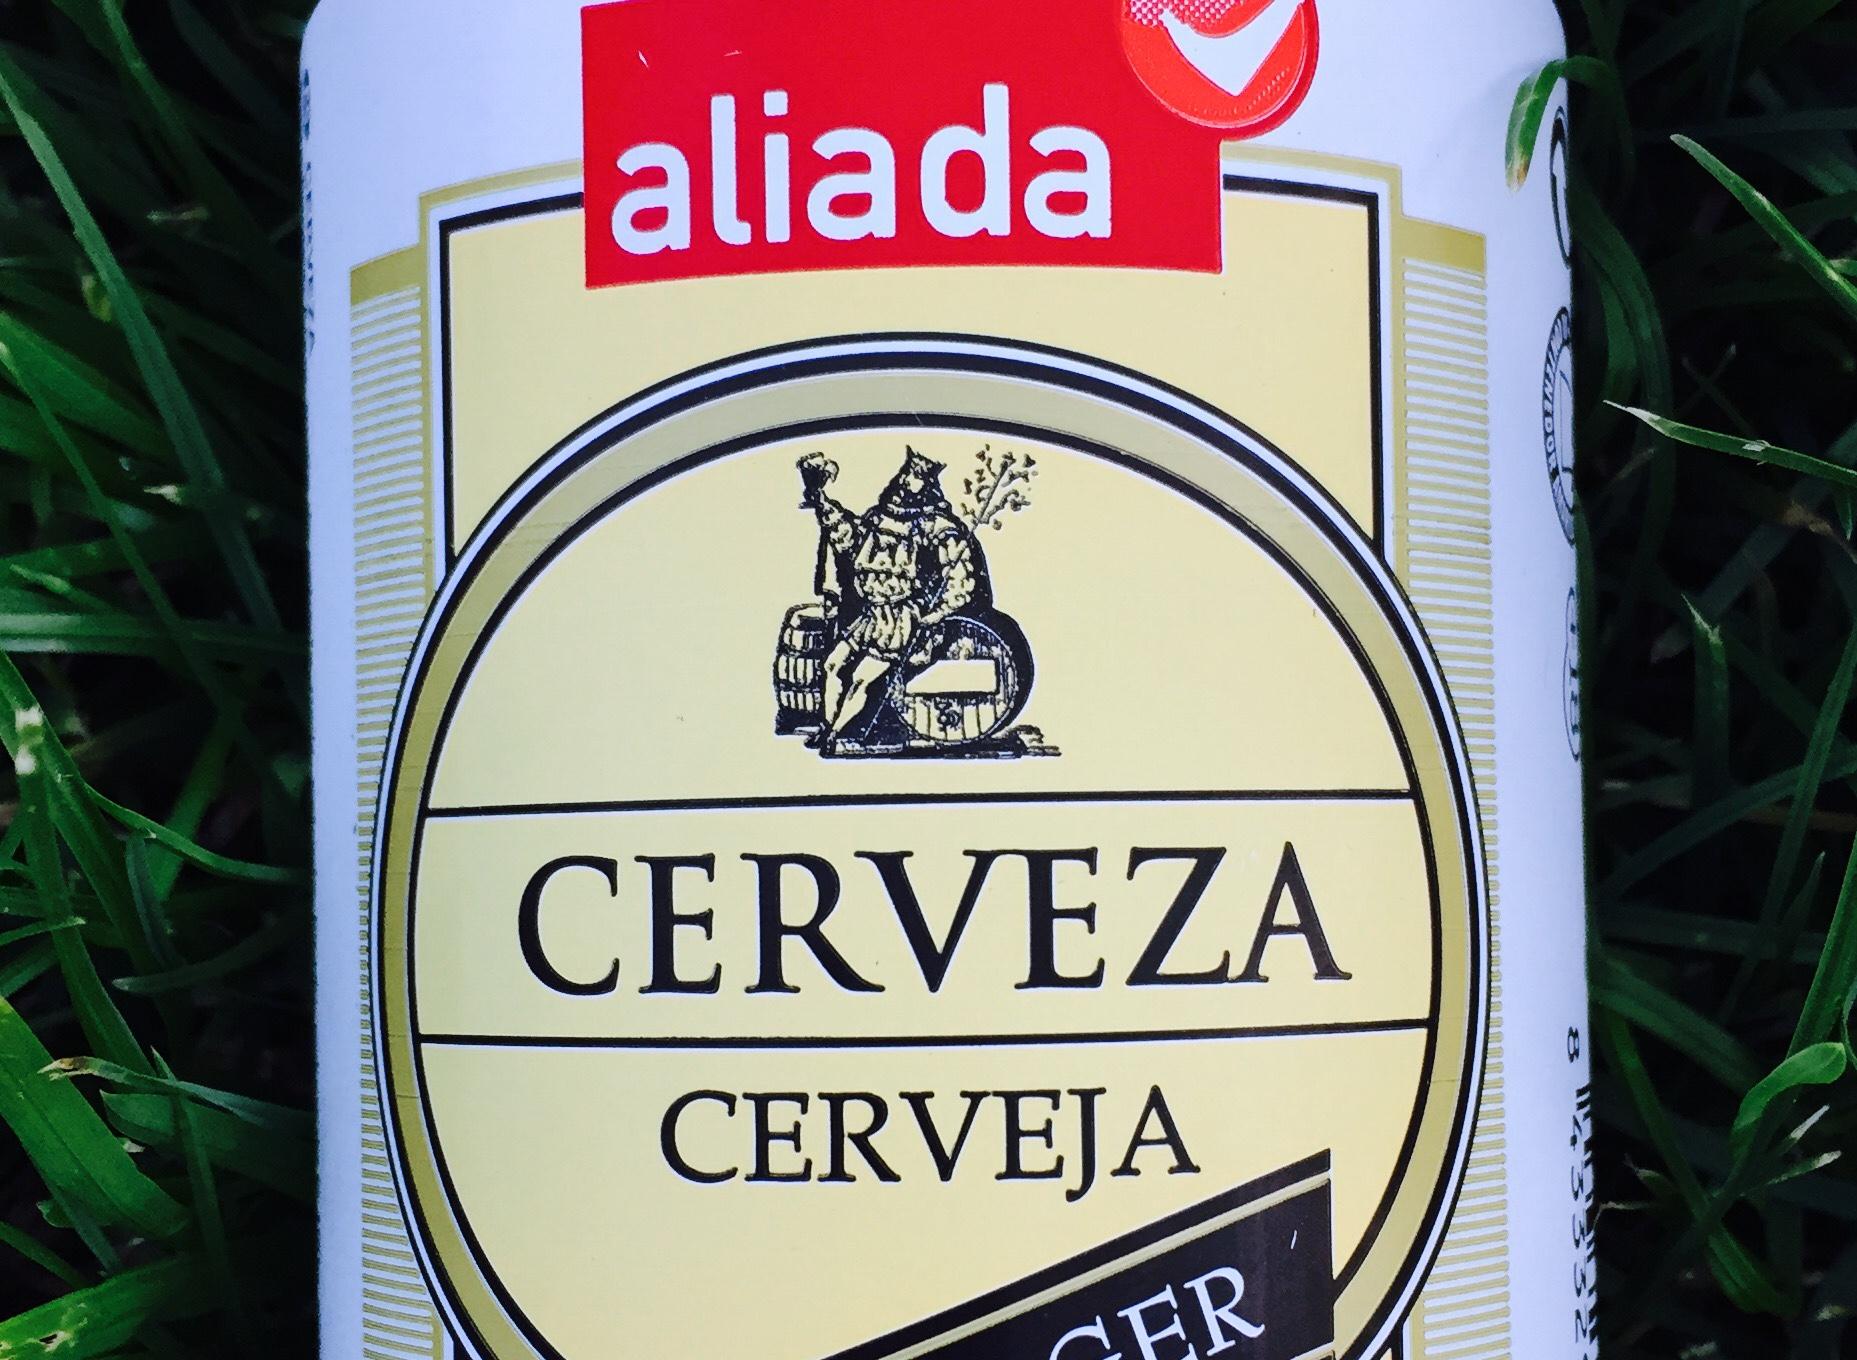 Aliada Cerveza - Tipo Lager